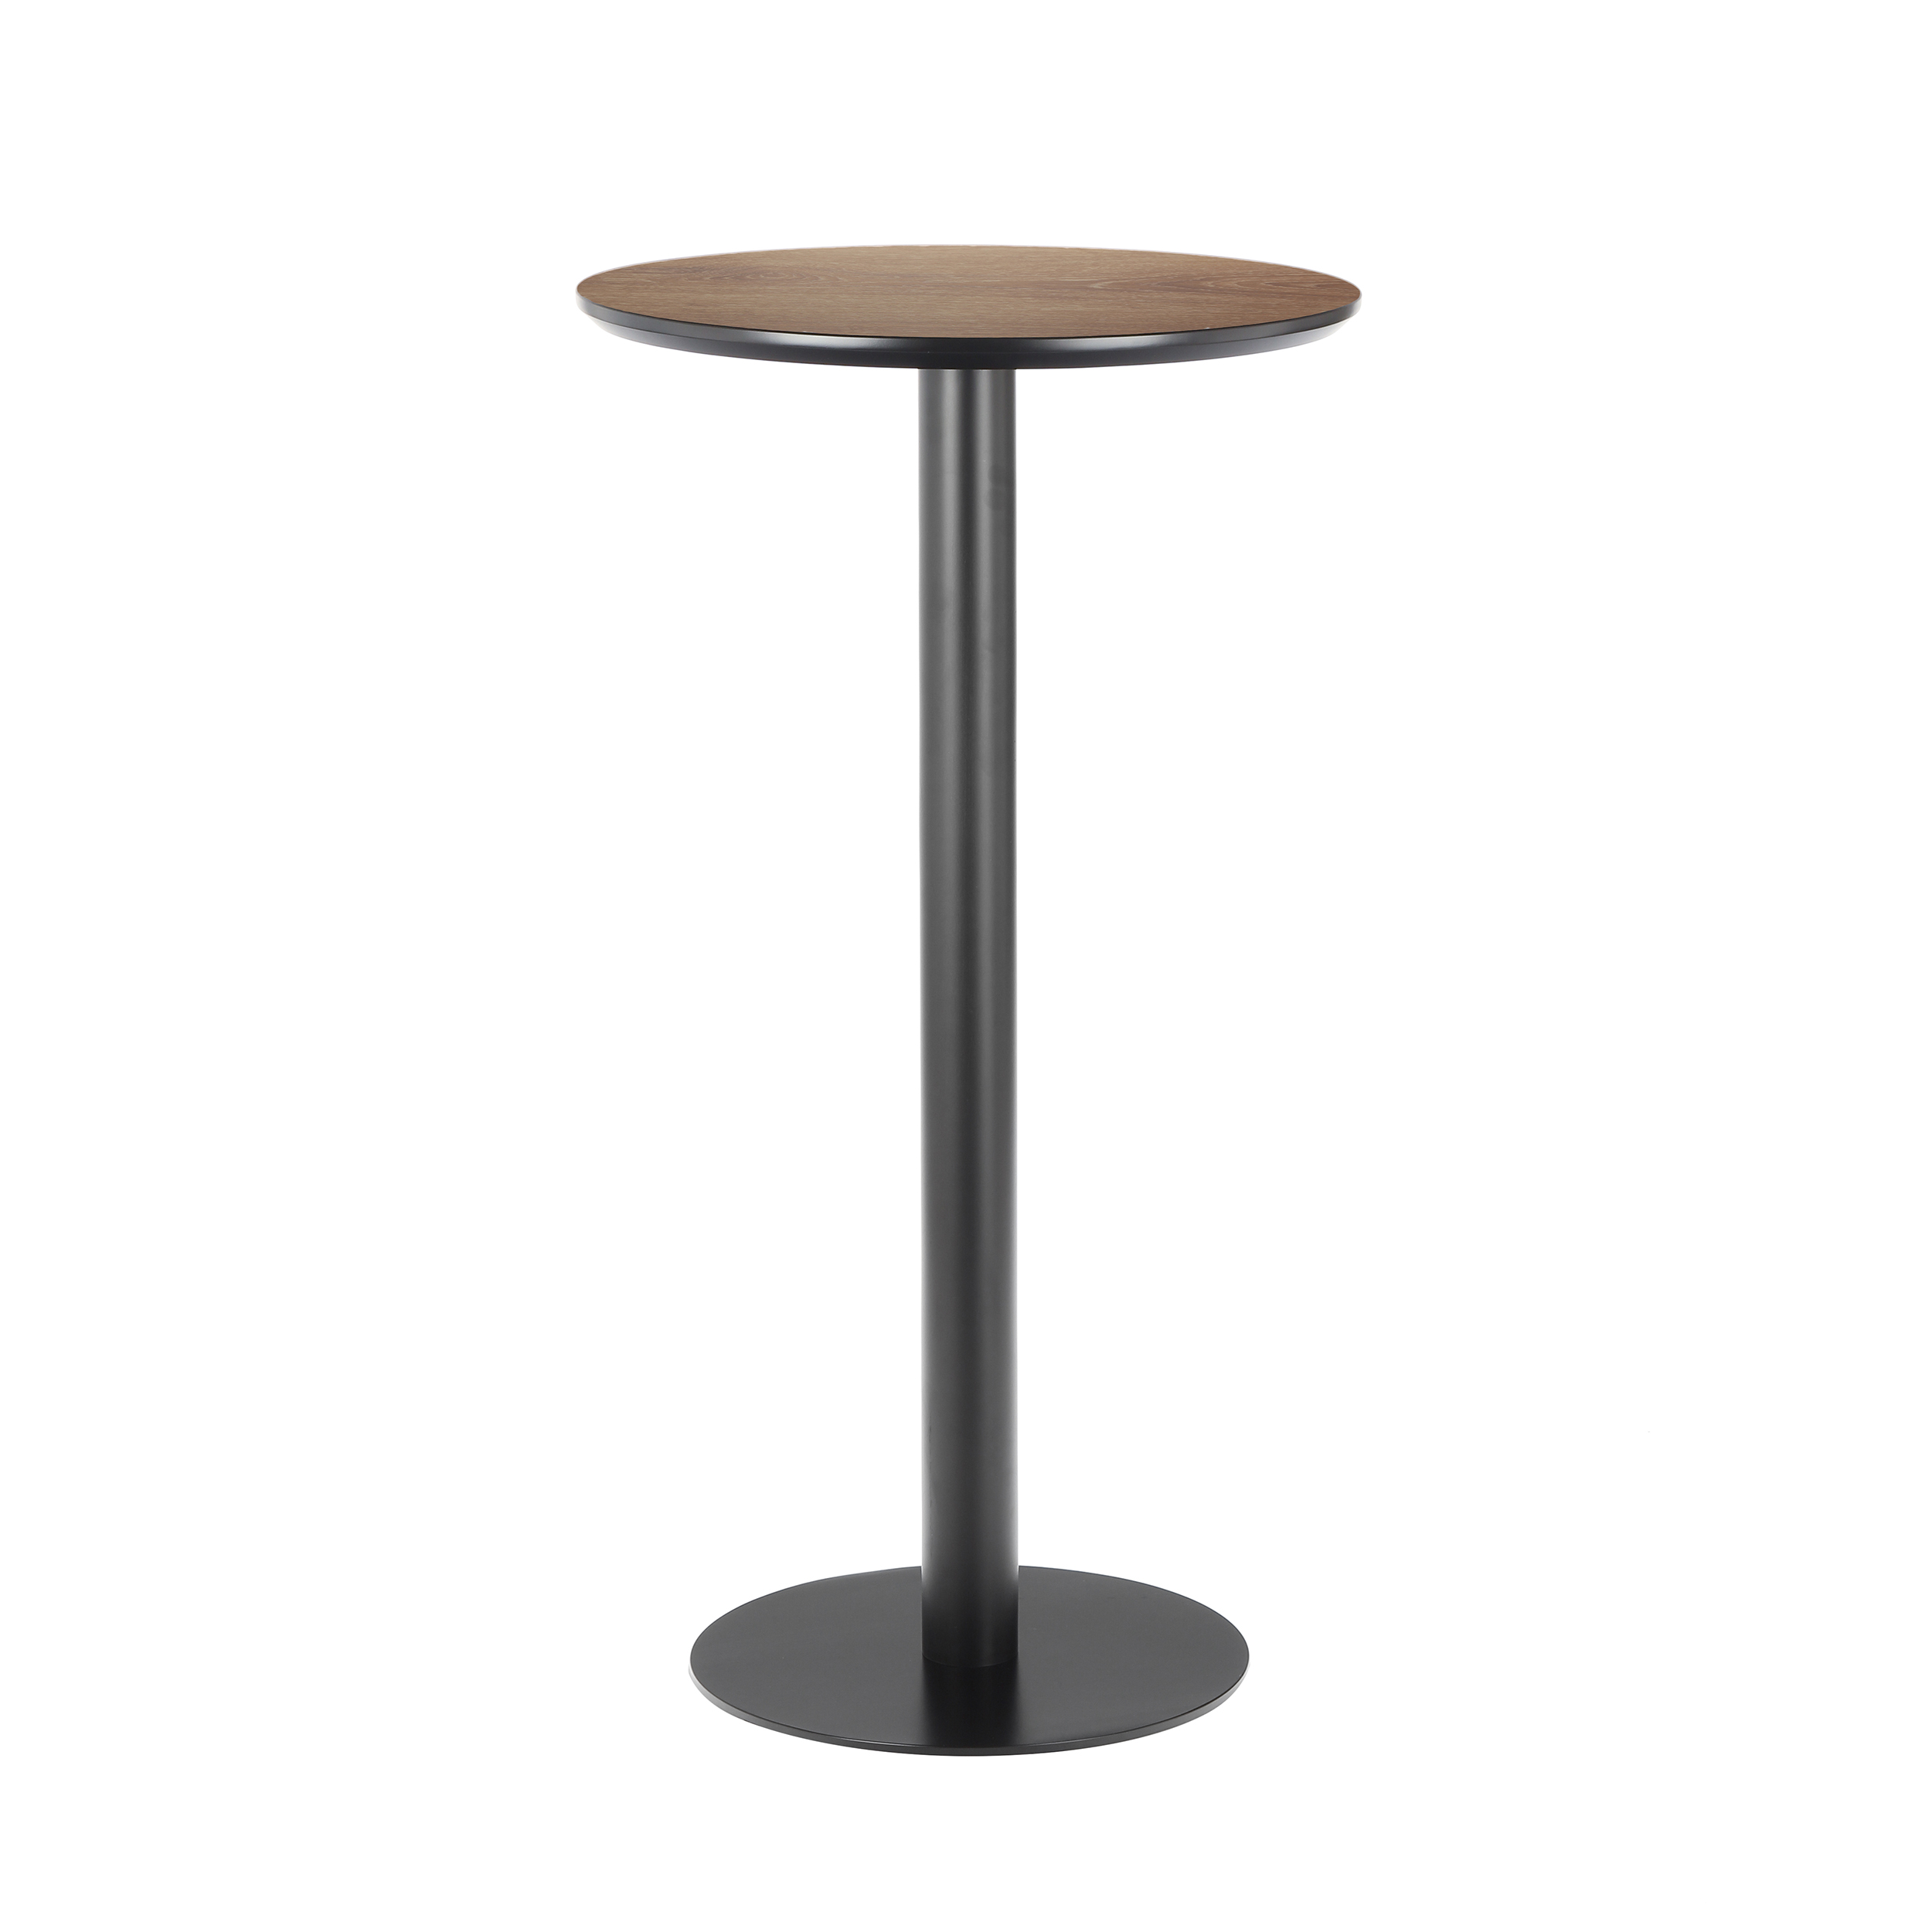 Барный стол LeicesterБарные<br>Дизайнерский коричневый круглый стол Leicester (Лестер) на одной ножке от Cosmo (Космо).<br><br>«Все гениальное просто!» — видно, так считал дизайнер барного стола Leicester. Стол состоит из небольшой столешницы и высокой подножки — настоящее воплощение минимализма. Дизайн стола выполнен в индустриальном стиле, однако и для лофта он вполне сгодится. Использованные в его производстве металл и дерево — это материалы, с которыми постоянно работают дизайнеры-оформители этого направления. <br> <br> К ор...<br><br>stock: 0<br>Высота: 110<br>Диаметр: 60<br>Цвет ножек: Черный<br>Цвет столешницы: Коричневый<br>Тип материала столешницы: МДФ<br>Тип материала ножек: Металл